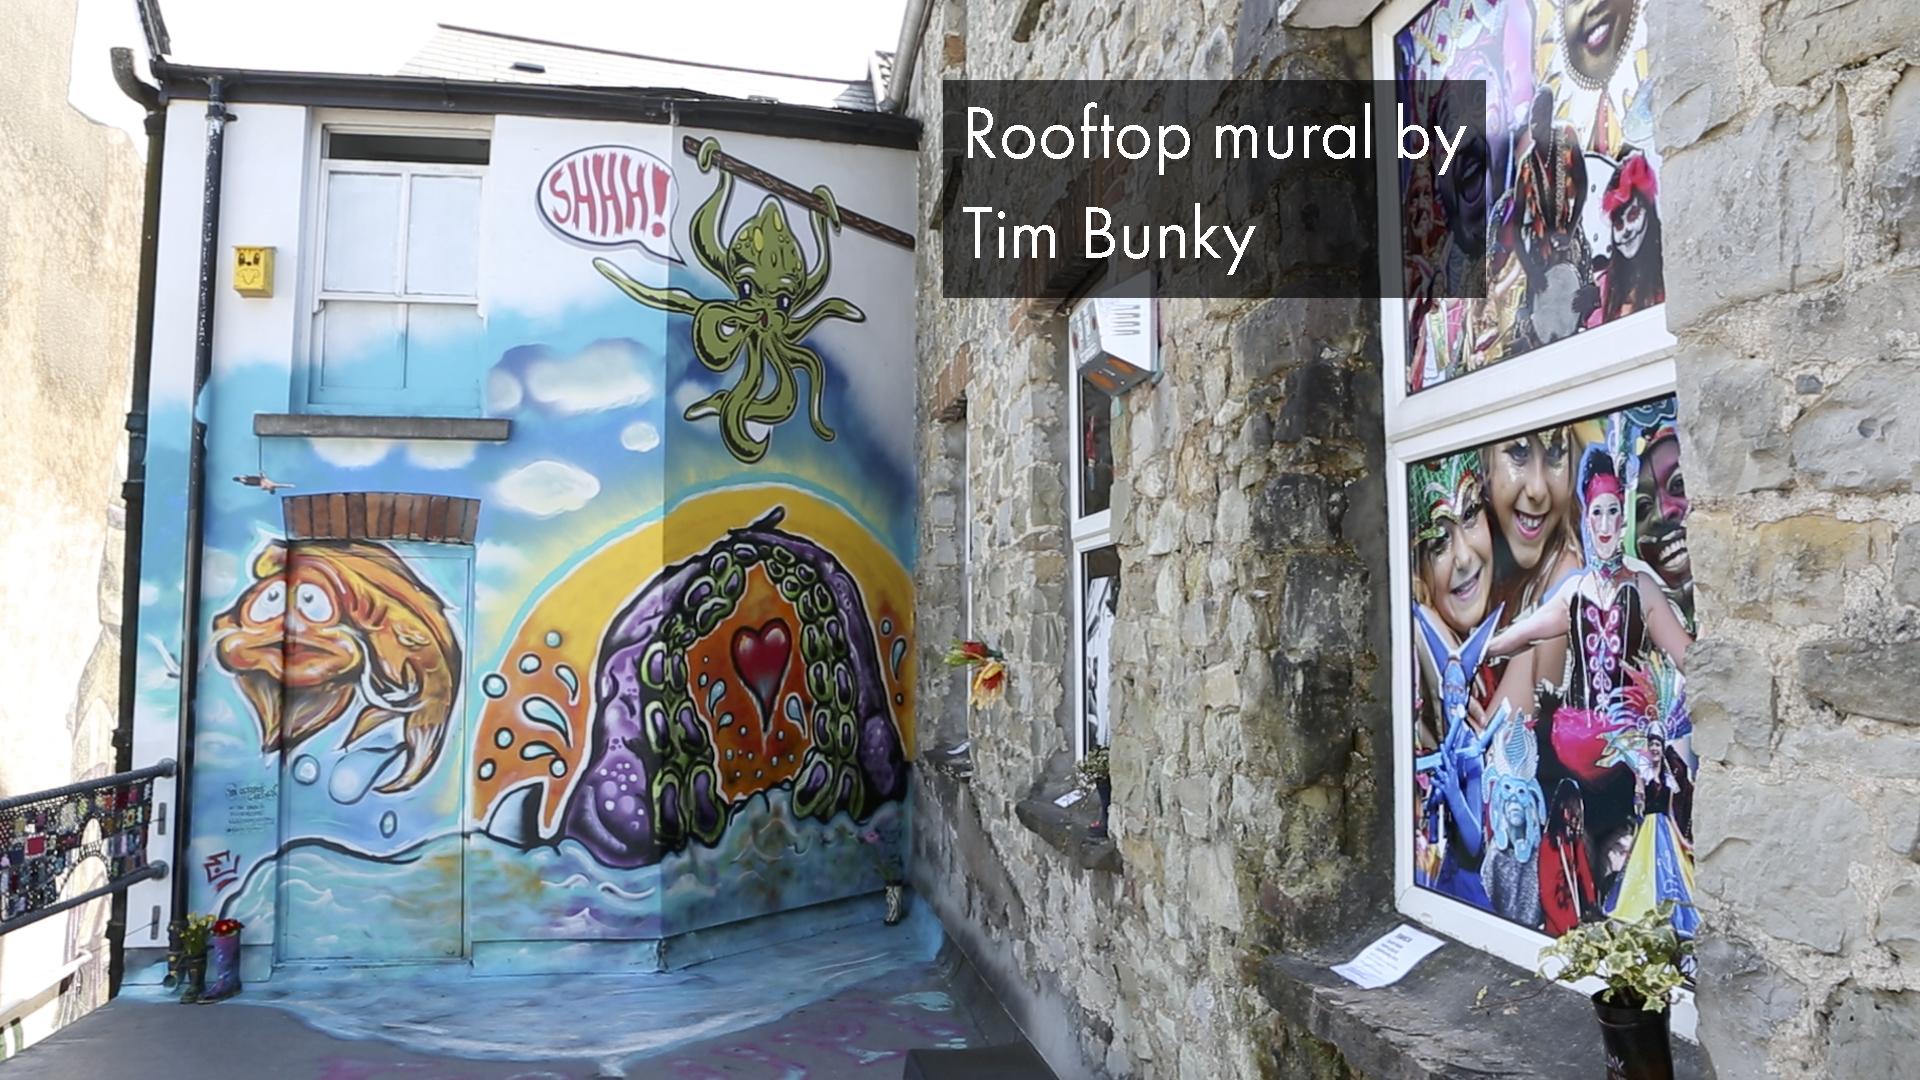 RooftopMural.jpg